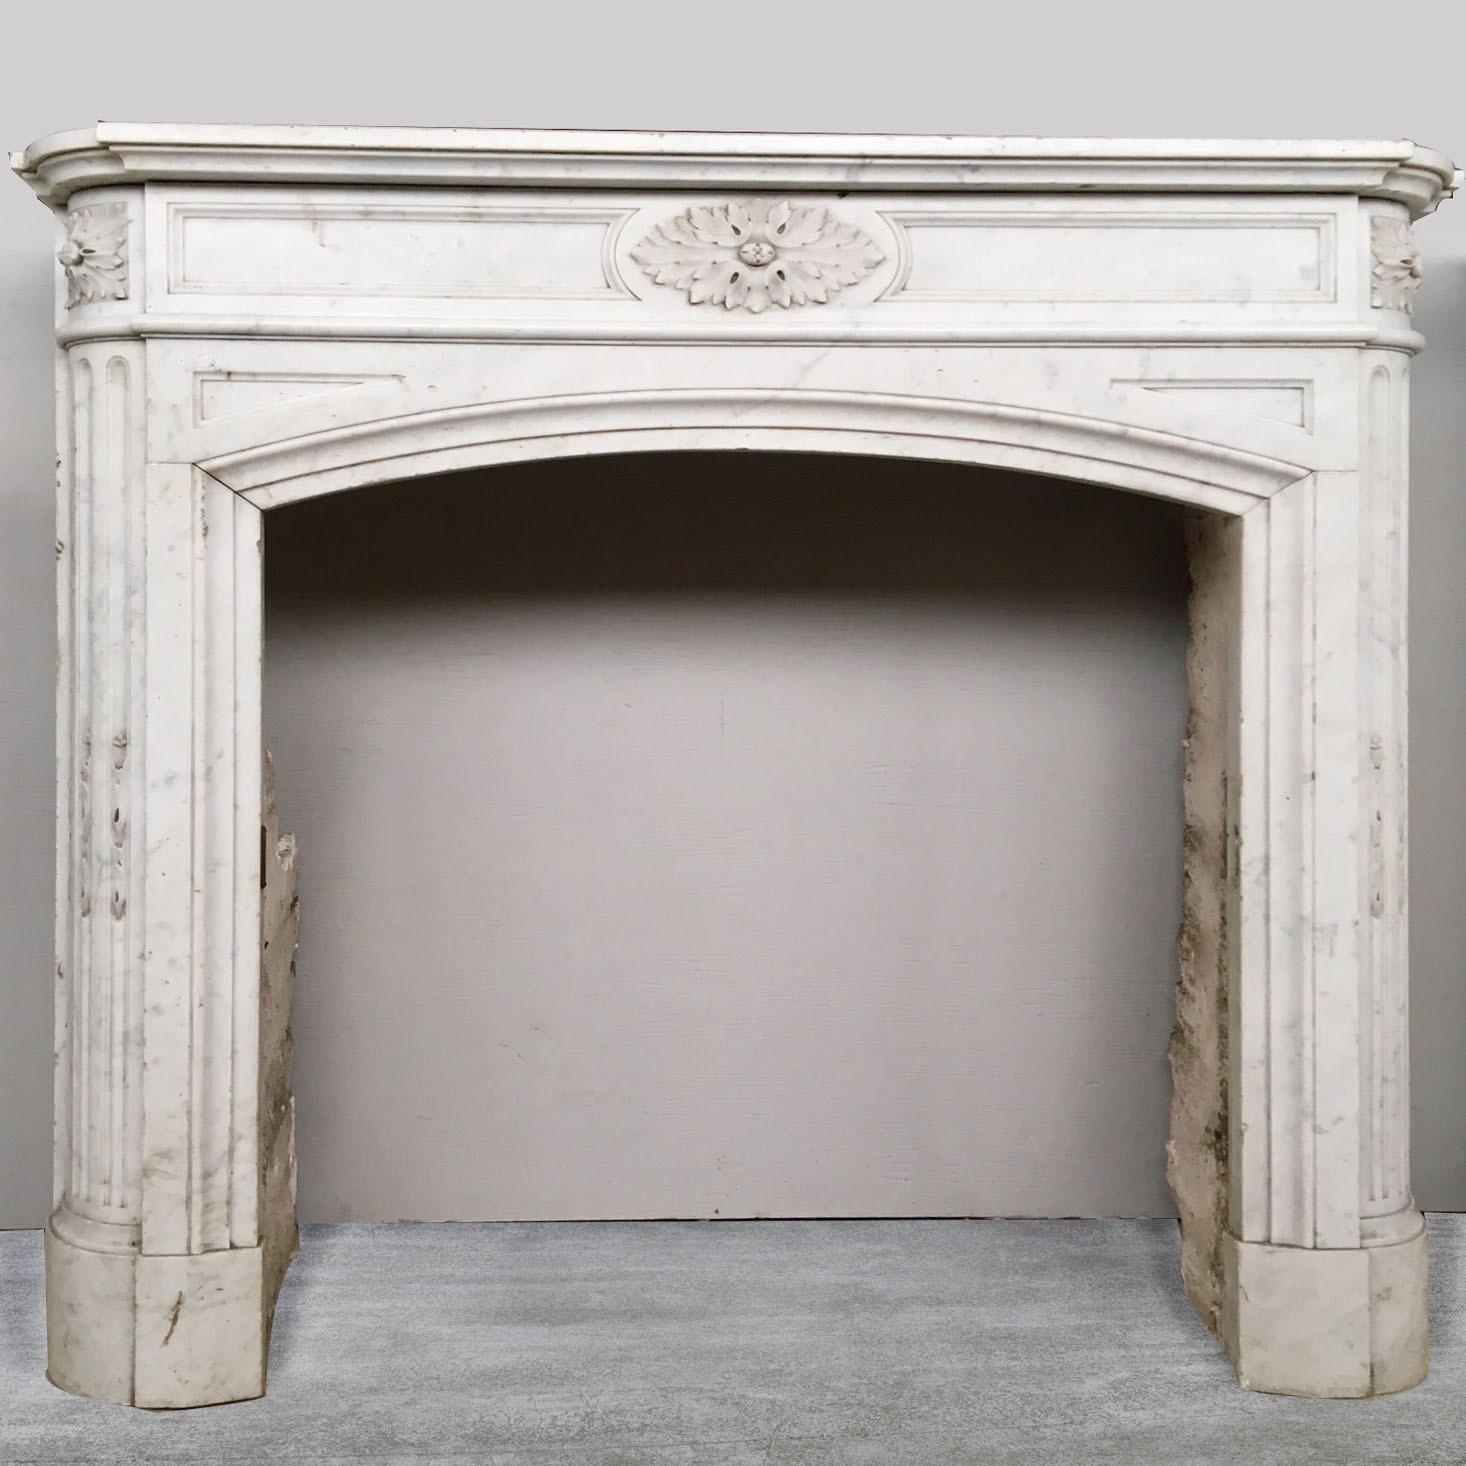 Paar Carrara marmeren Louis XVI schouwen uit Parijs